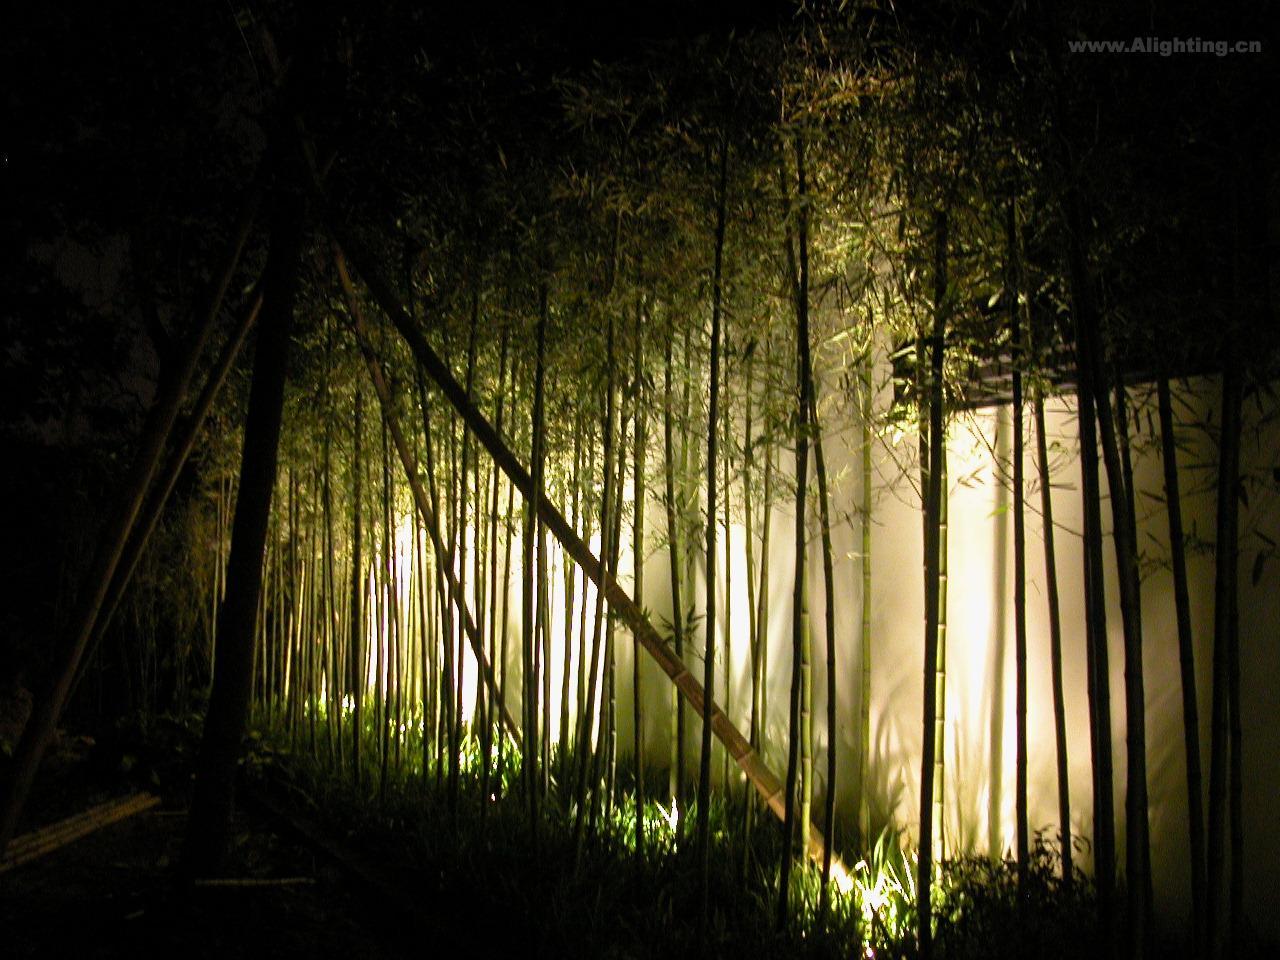 杭州吴山景区范围内的建筑、道路、小品、绿化等的夜景照明,总面积32公顷,包含伍公山景区、阮公祠景区、城隍阁二期及三茅观景区。 吴山景区夜景亮化原则定位,以自然生态为本,绿色为题,辅以人文景观和民俗文化内涵。通过现代灯光照明的技术手段,展现吴山景区无穷的魅力,形成吴山独特的亮化夜景。结合景区自然景观条件,在生态的基础上修饰自然,强调保护黑天空,最大限度减少自然环境的人为负面影响,实现夜景生态与美的和谐统一。